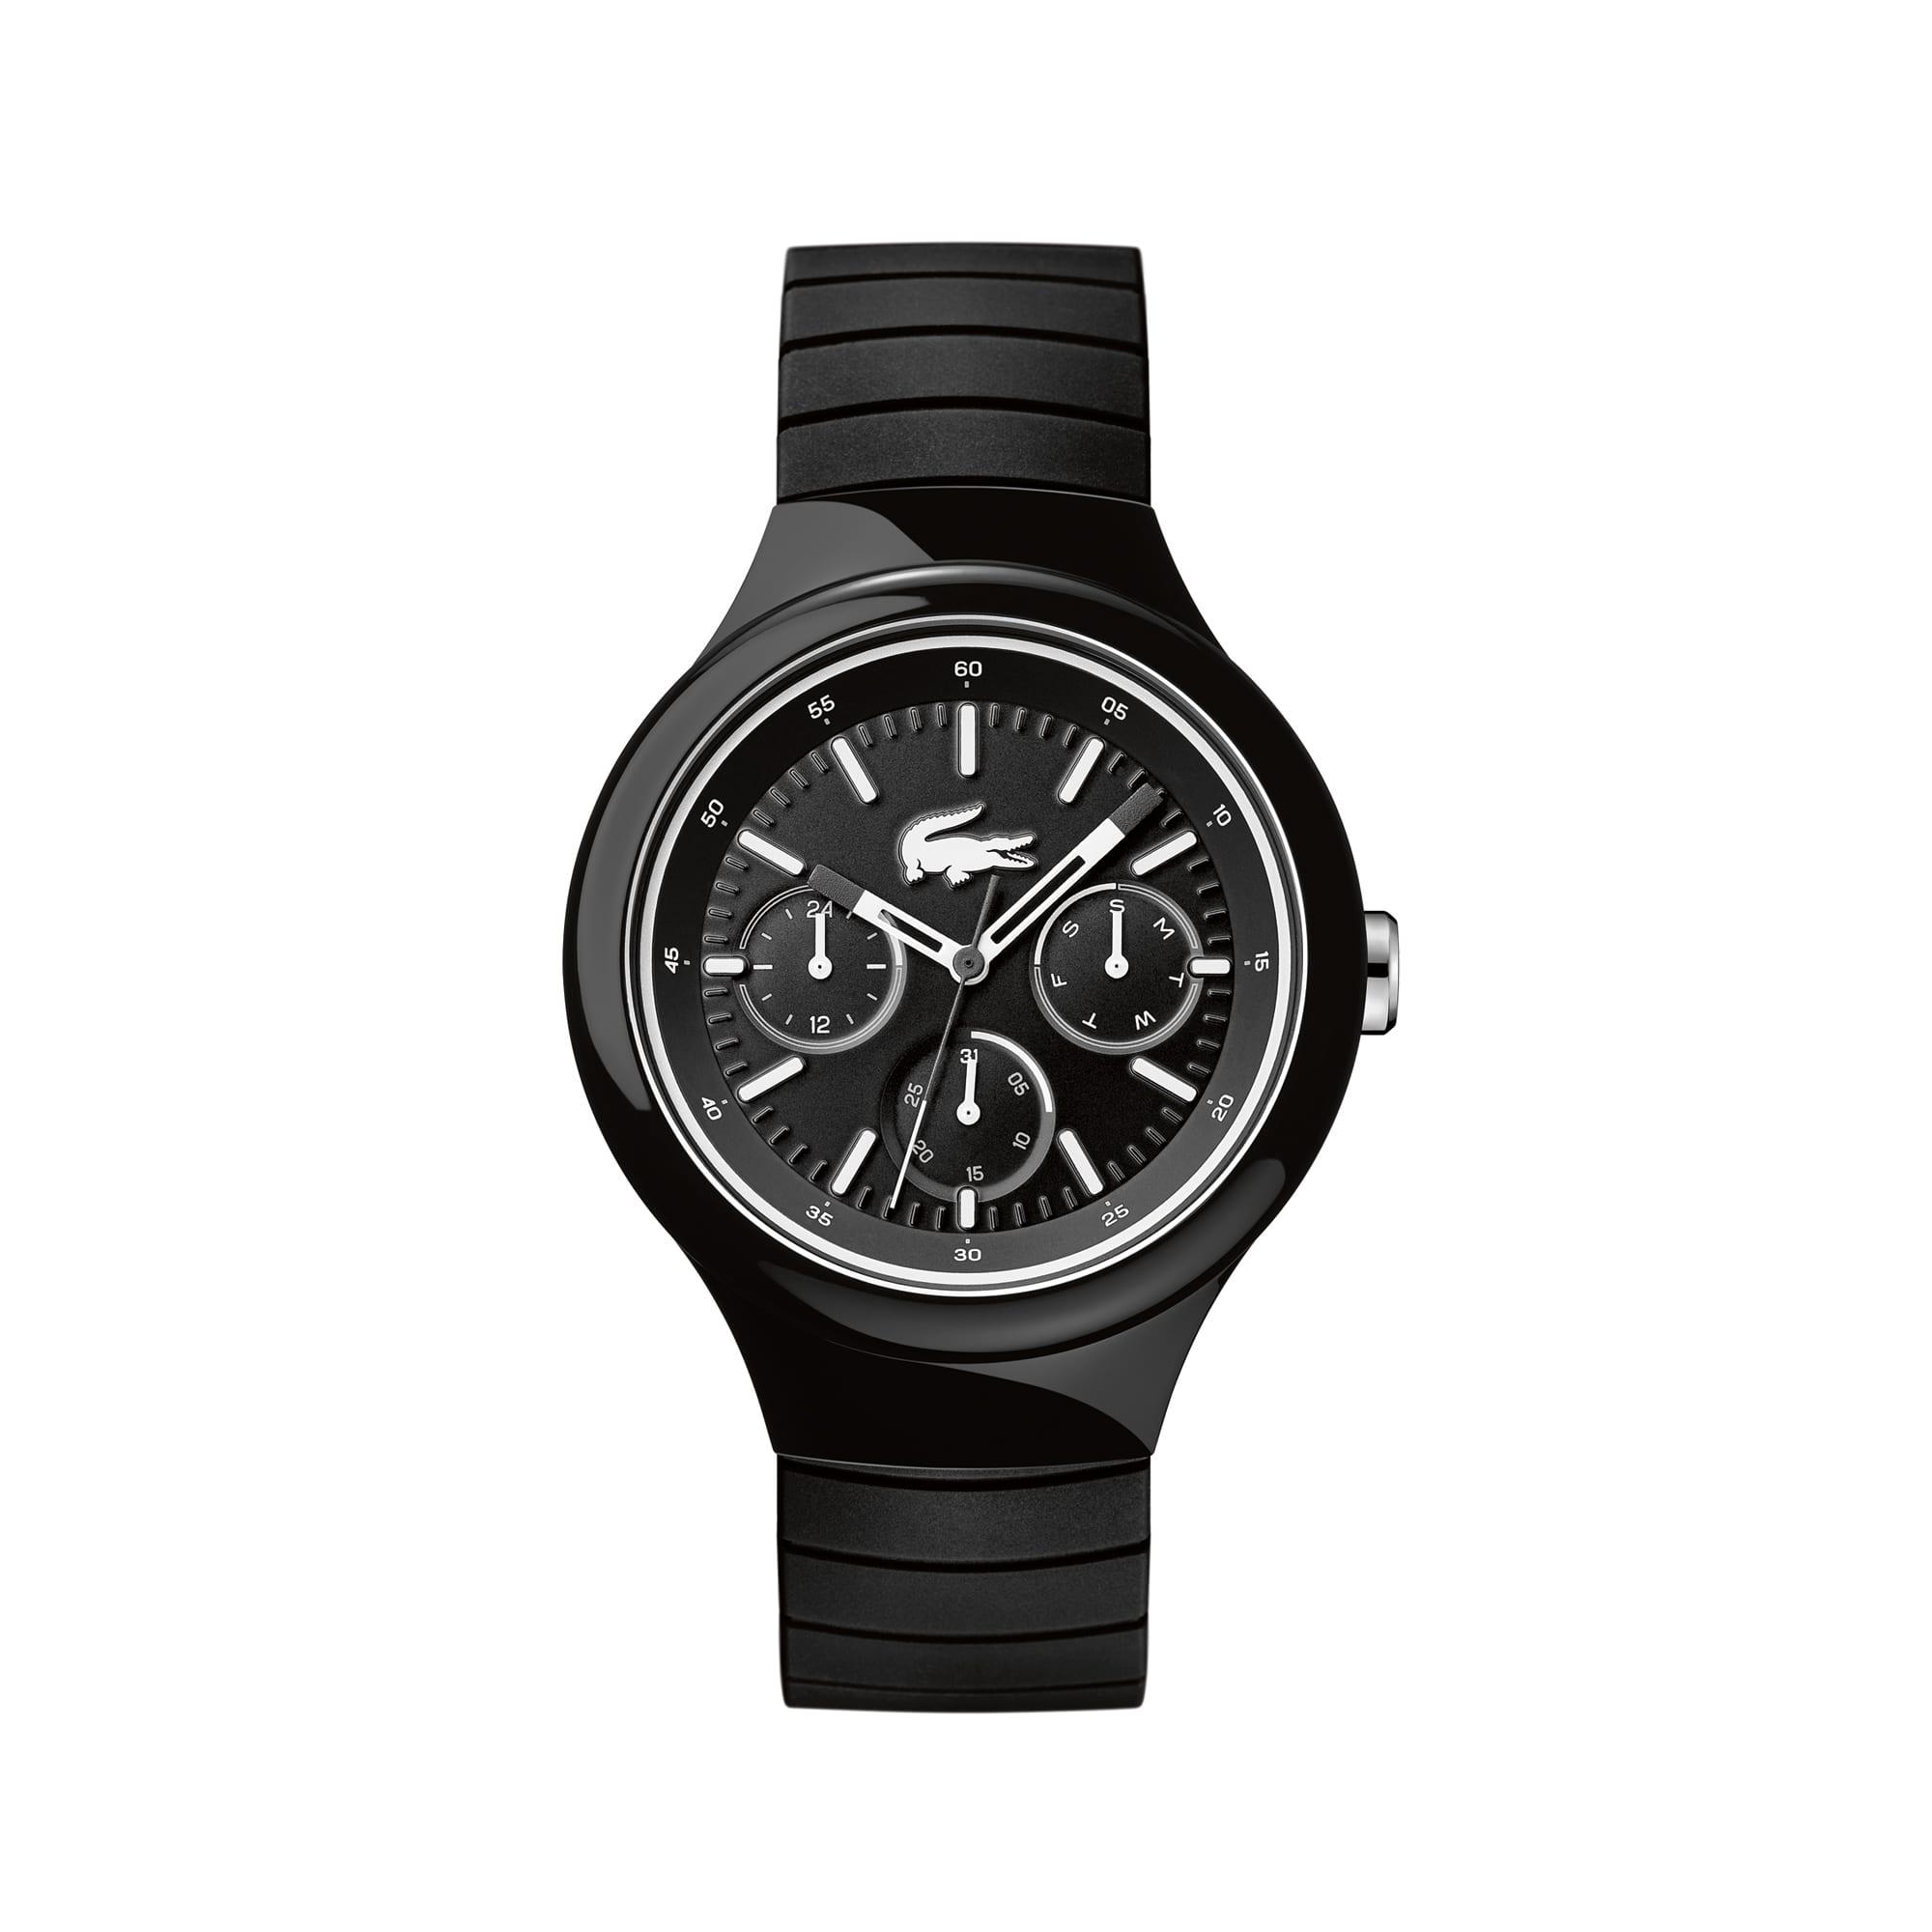 Borneo watch with black-white silicone strap